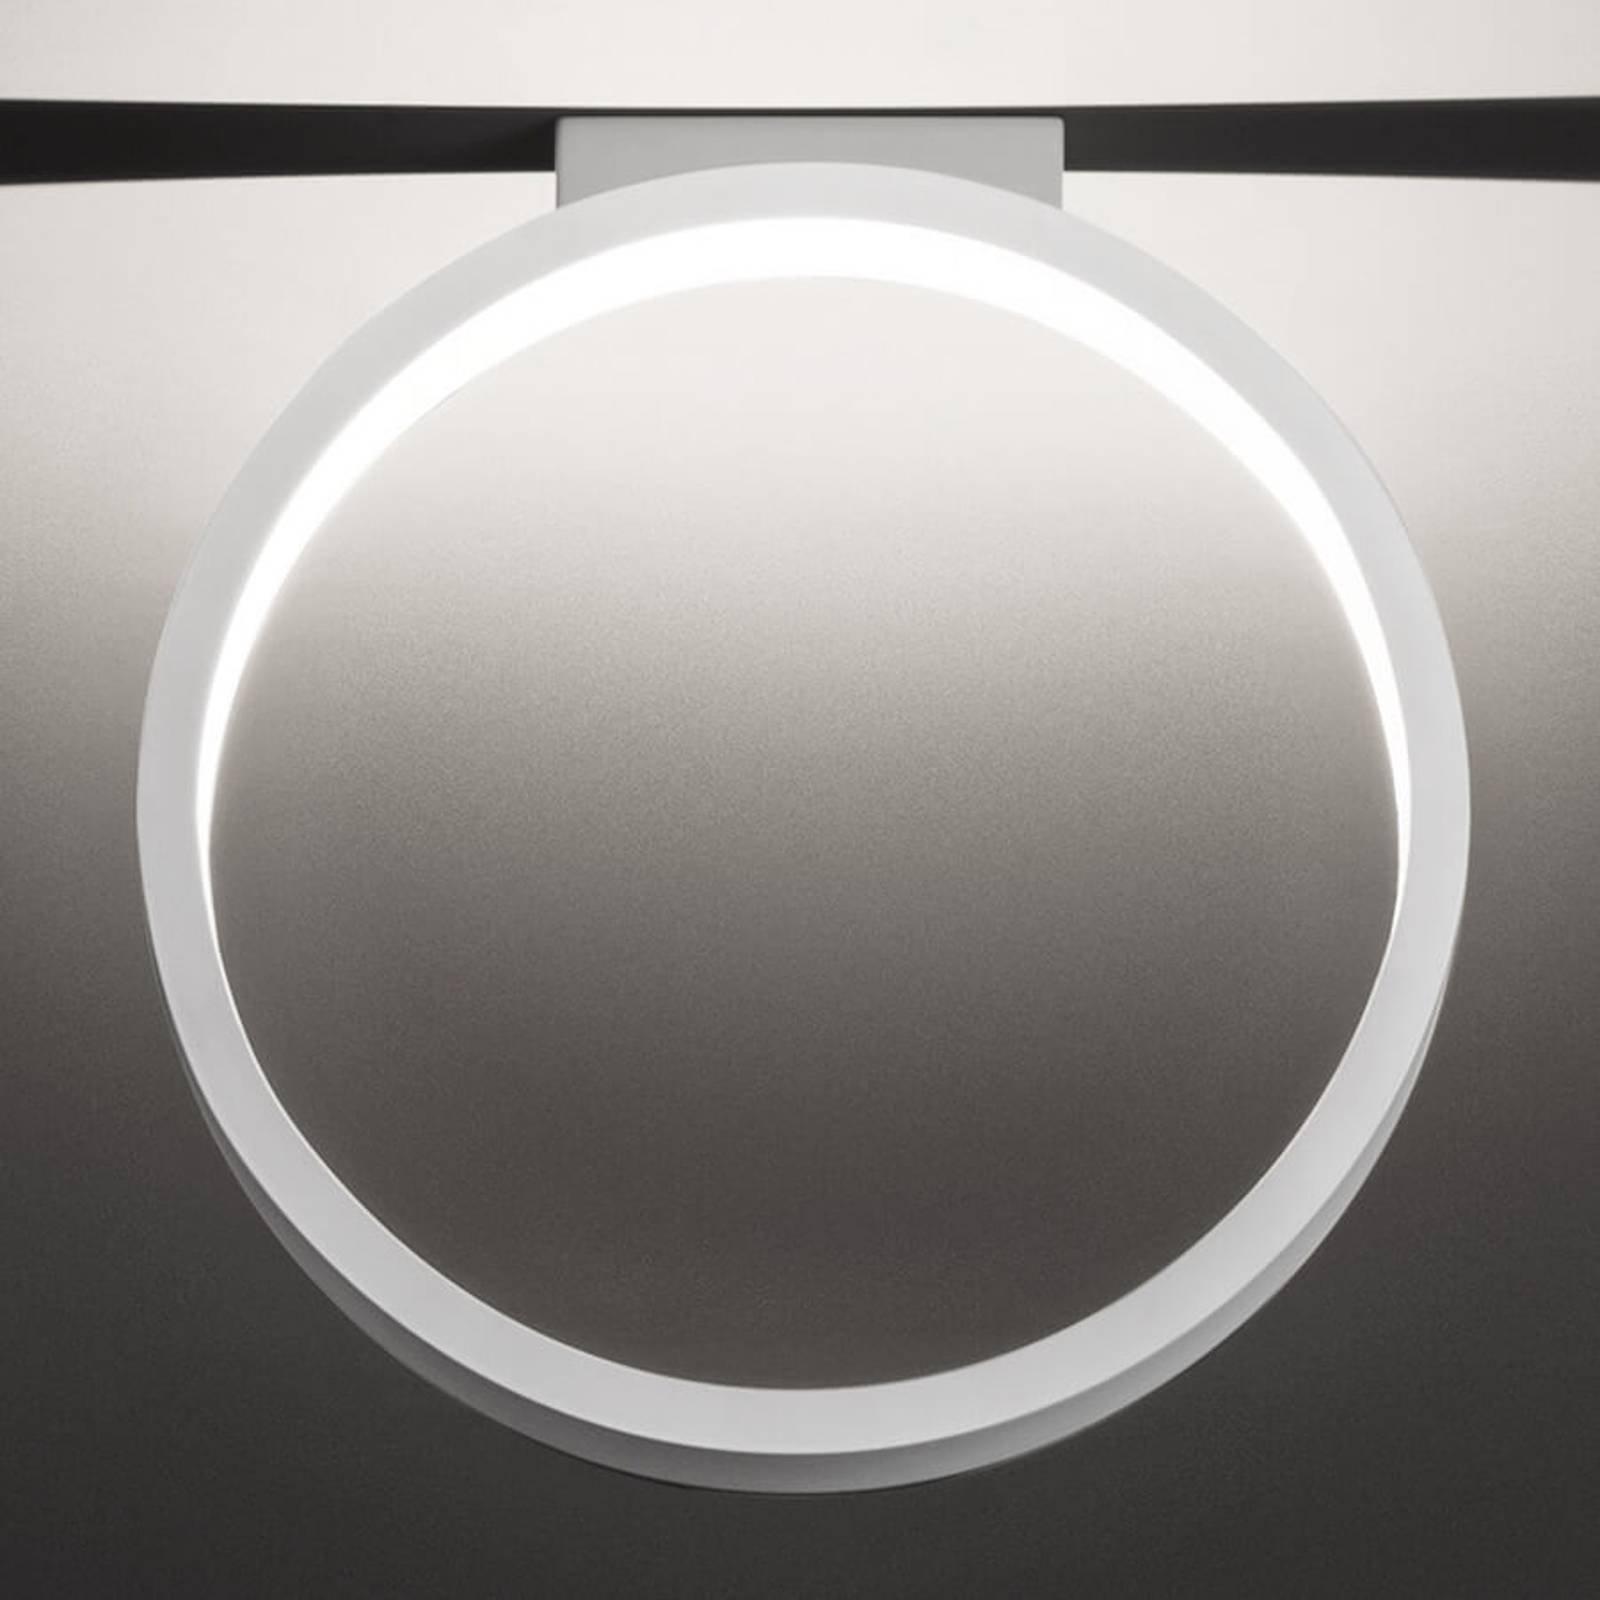 Cini&Nils Assolo - LED-taklampe, hvit, 43 cm